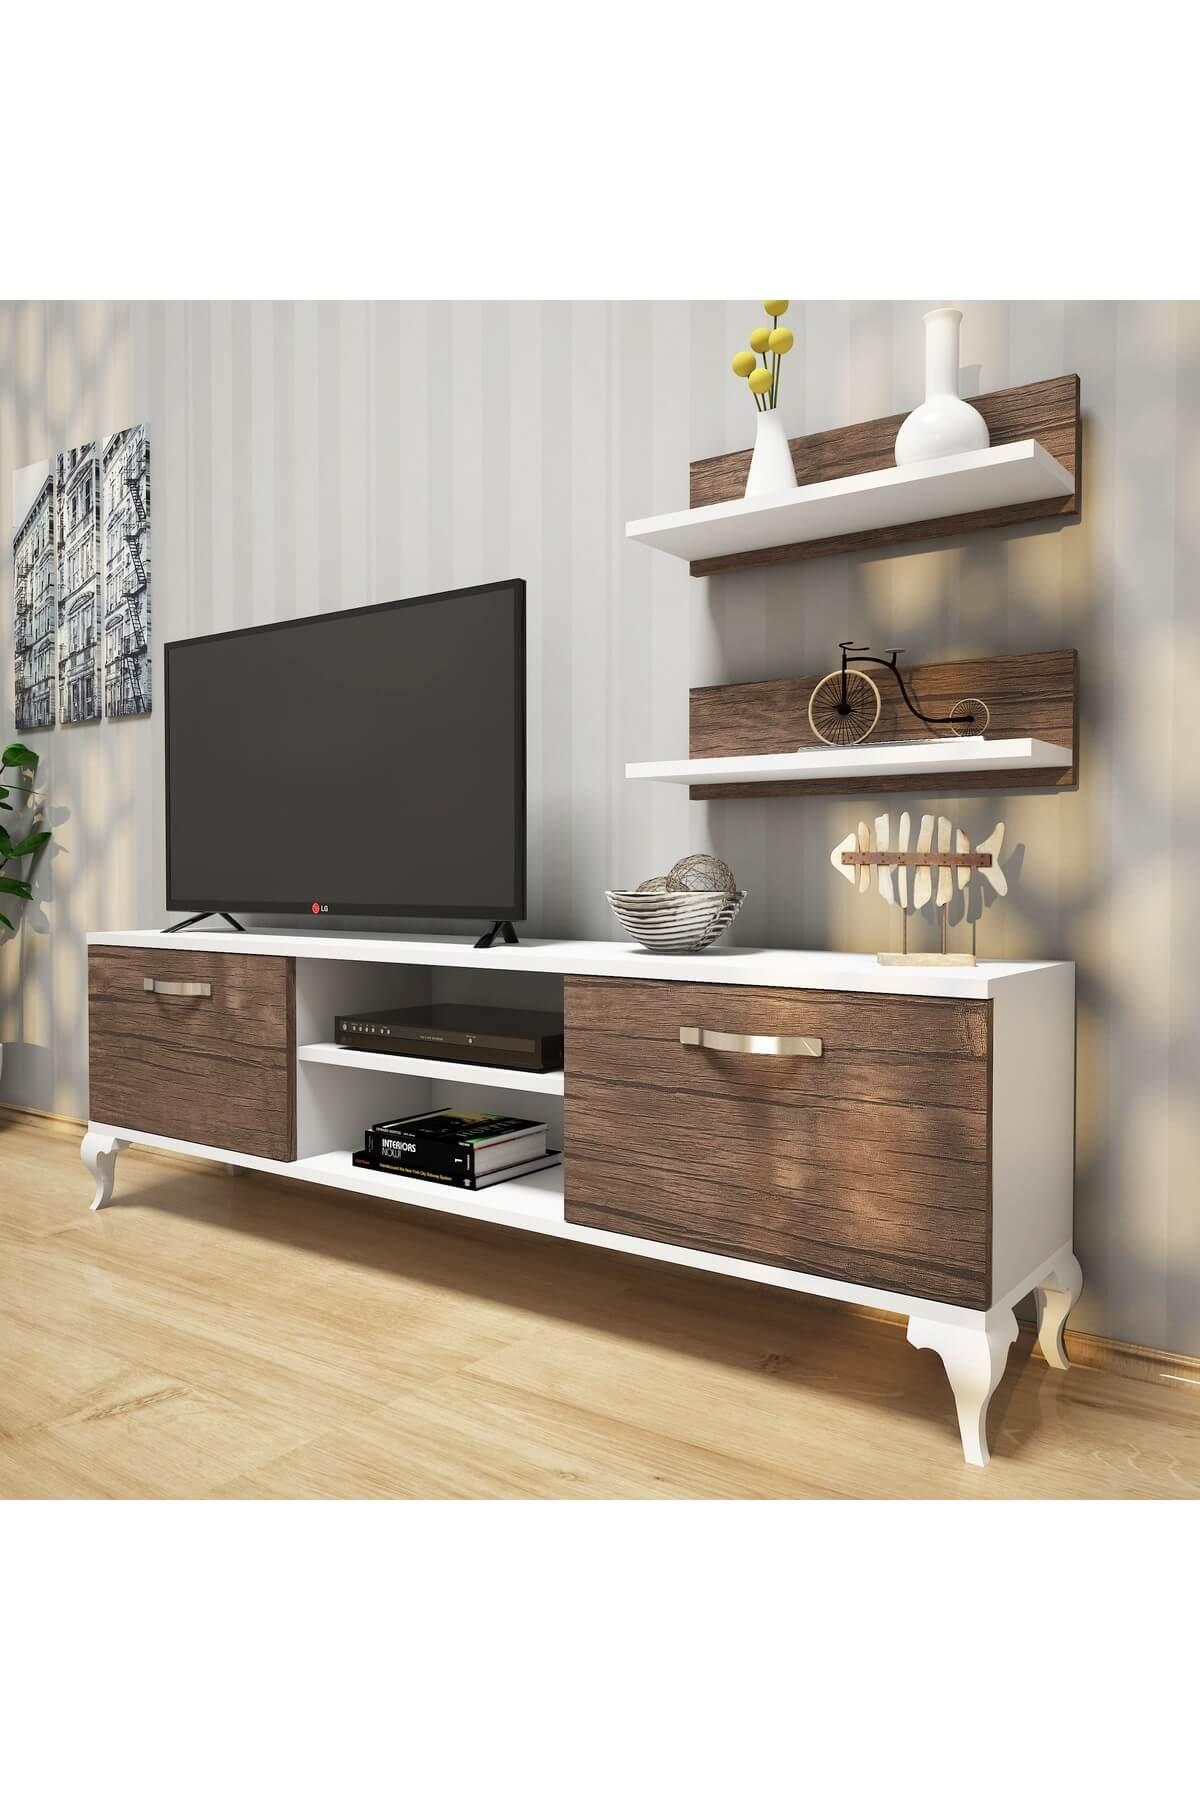 Rani Mobilya Rani A4 Duvar Raflı Tv Sehpası - Kitaplıklı Tv Ünitesi Modern Ayaklı Tasarım Beyaz Ceviz 1